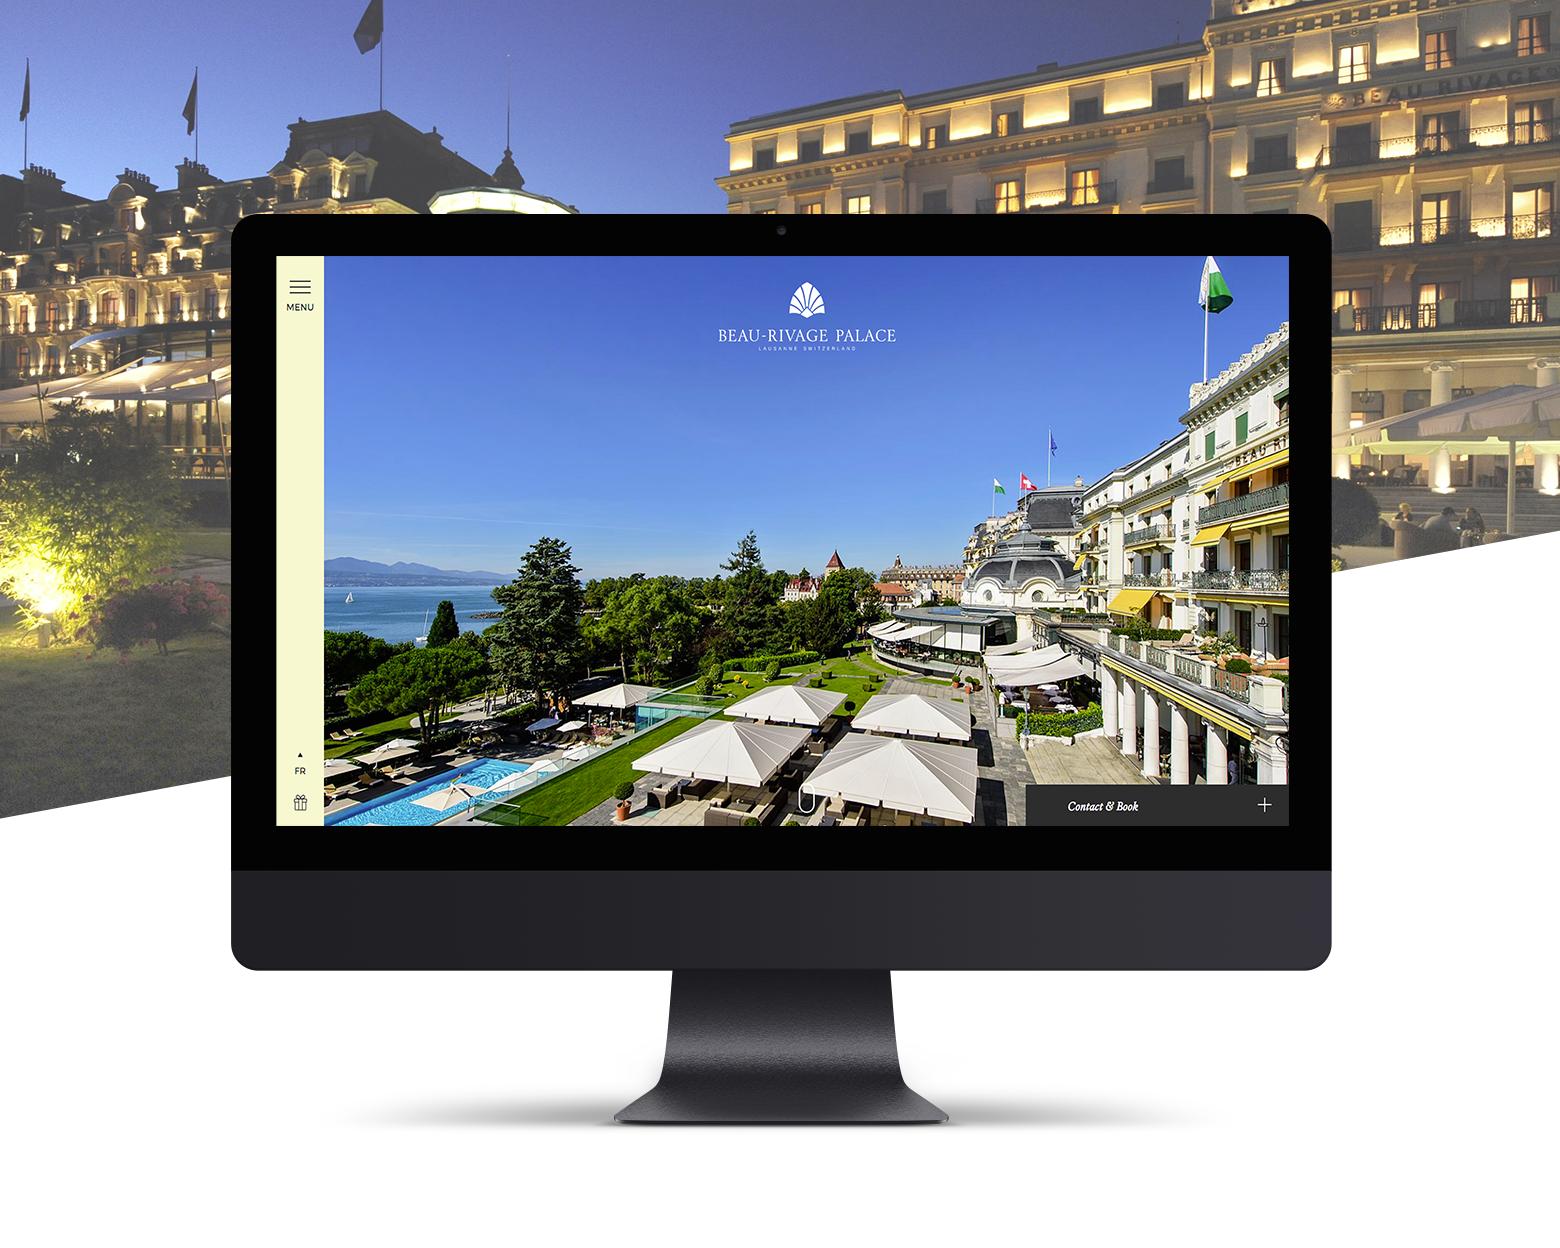 Beau-Rivage Palace WNG Agence Digitale